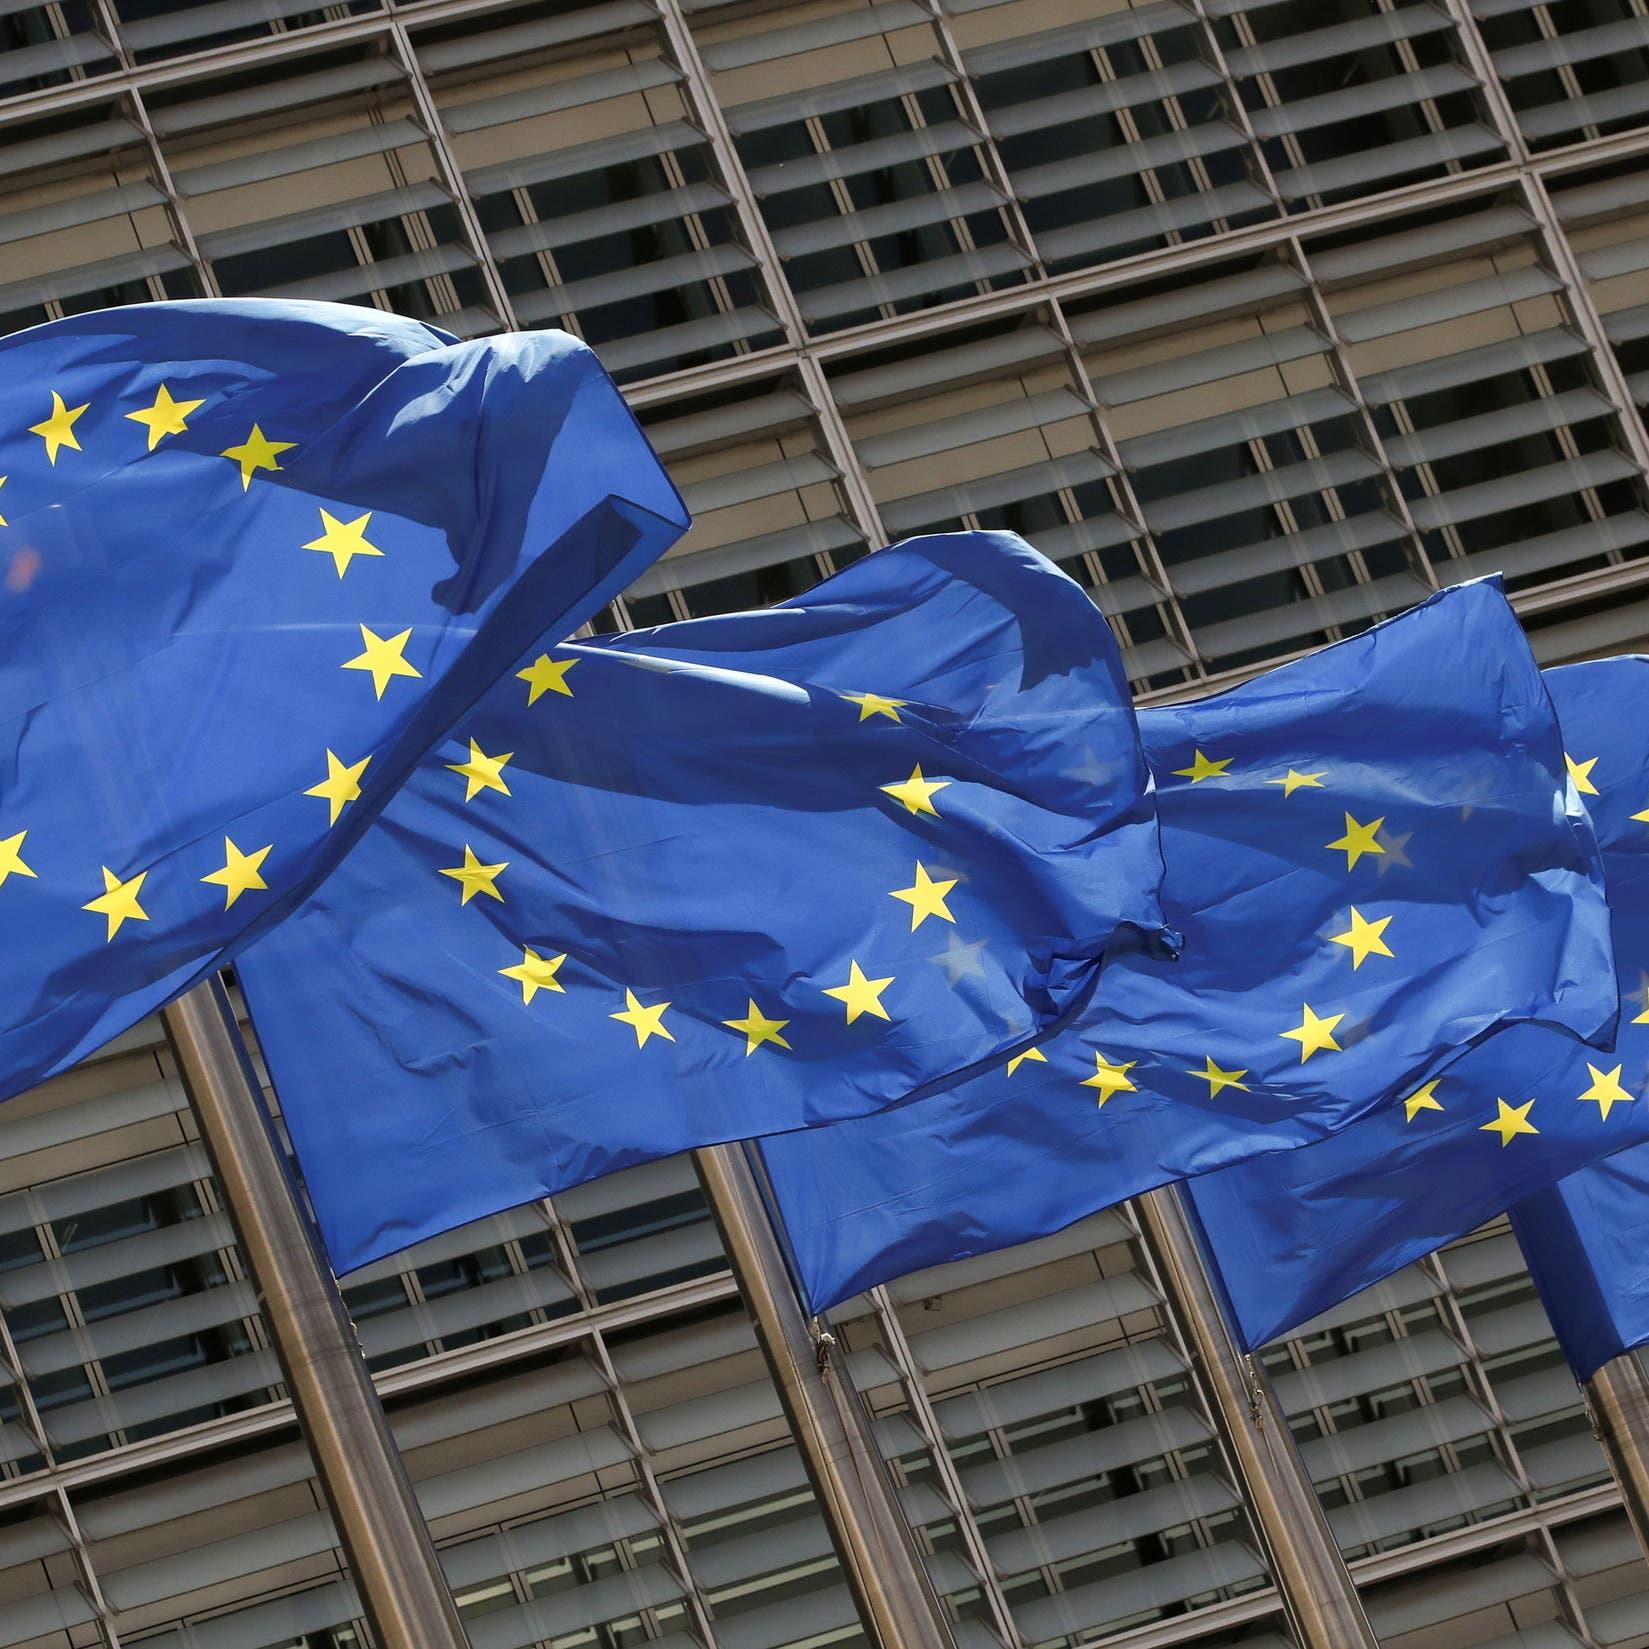 دبلوماسي: الاتحاد الأوروبي بحث انسحاب المرتزقة من ليبيا